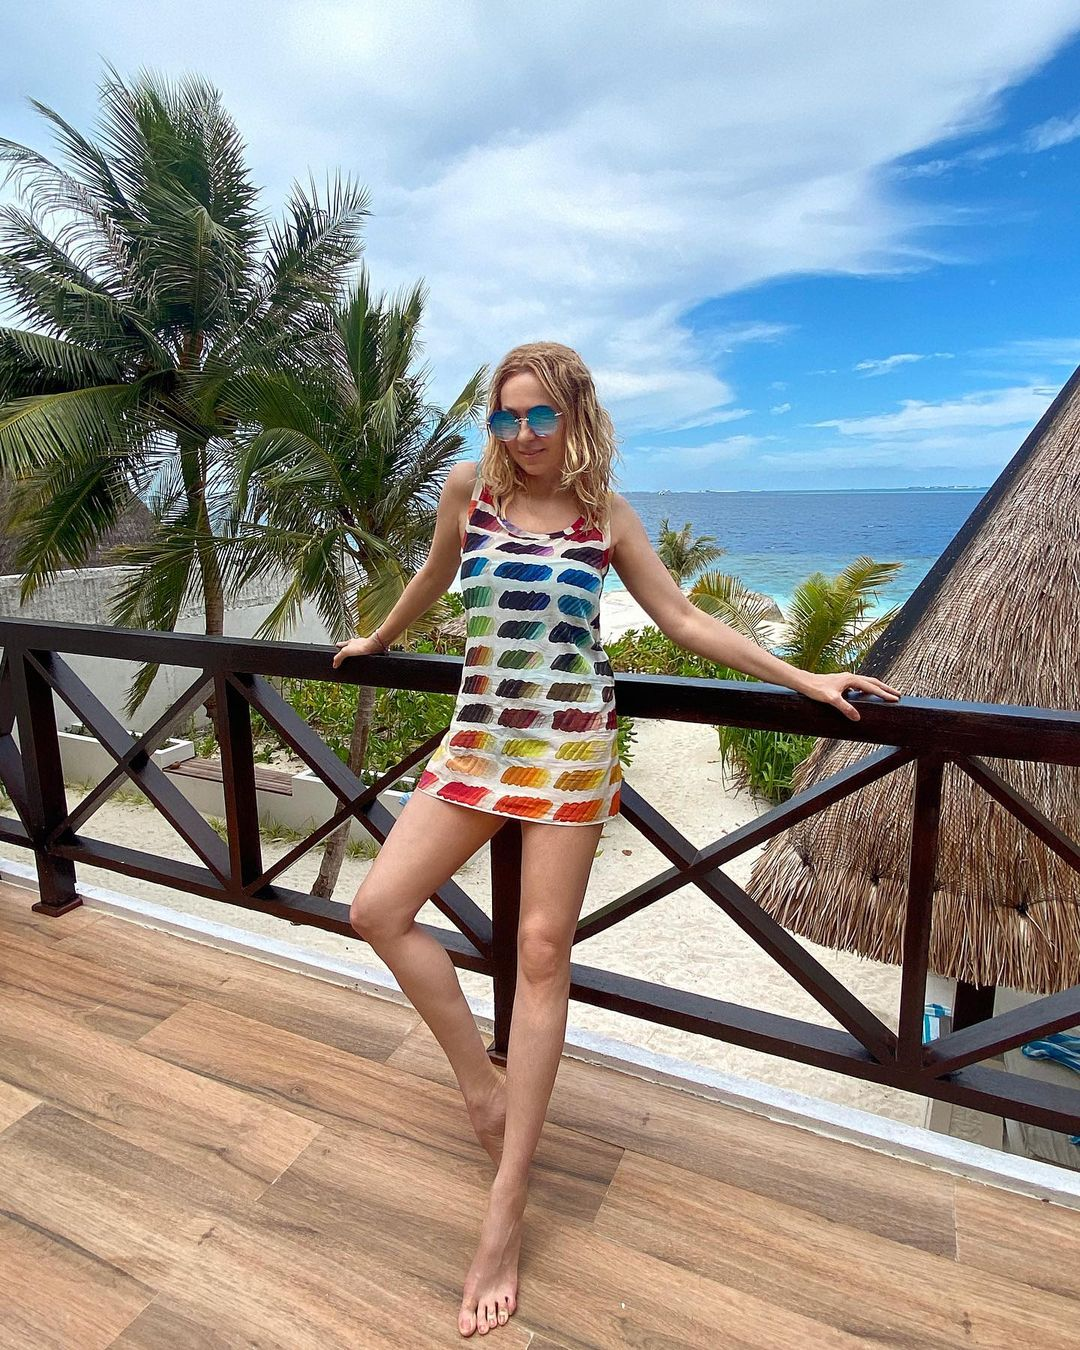 Yana Rudkovskaya on vacation demonstrates her long legs in a short dress